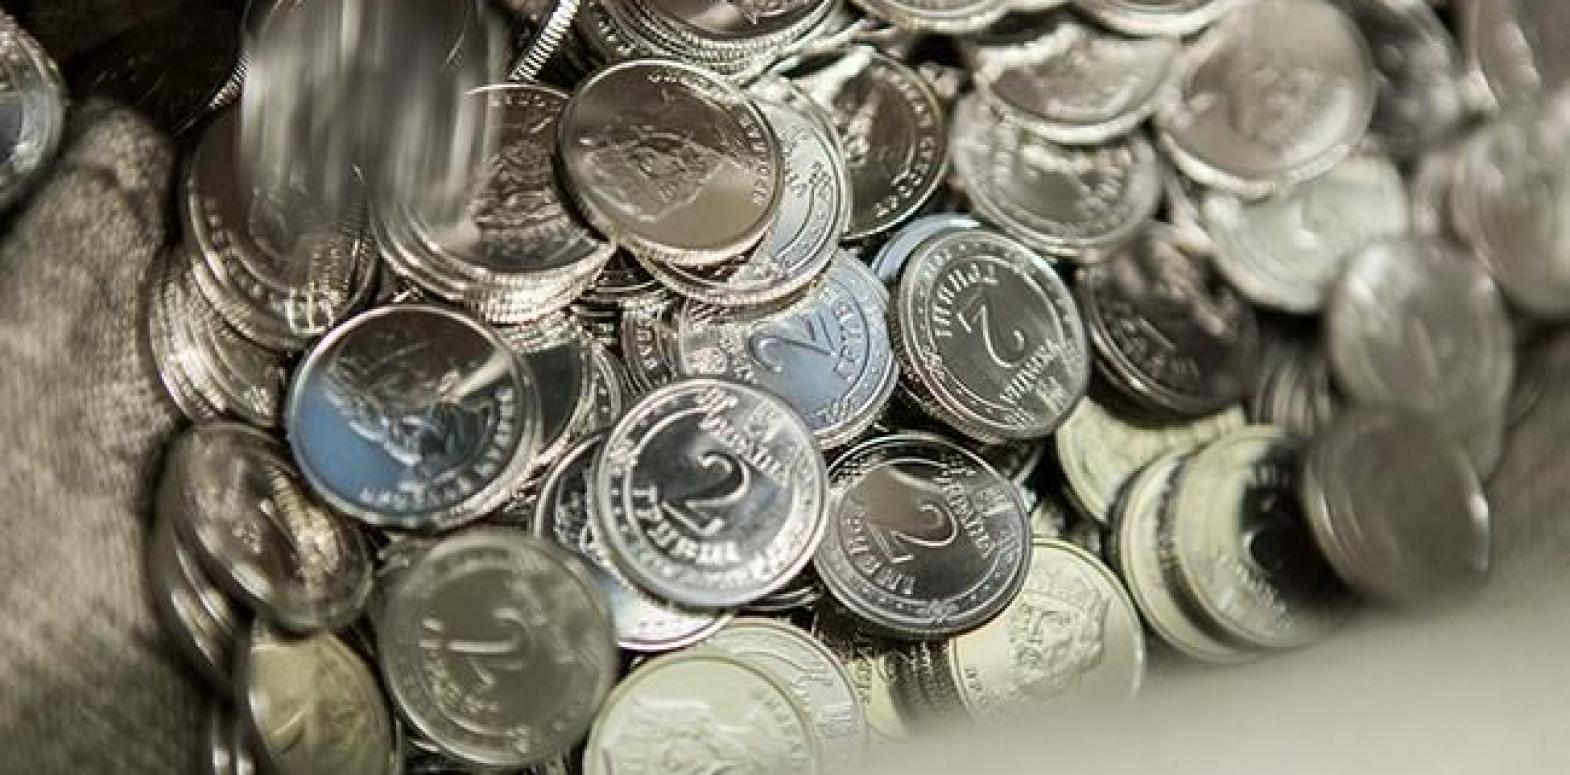 НБУ сократит количество банкнот и монет